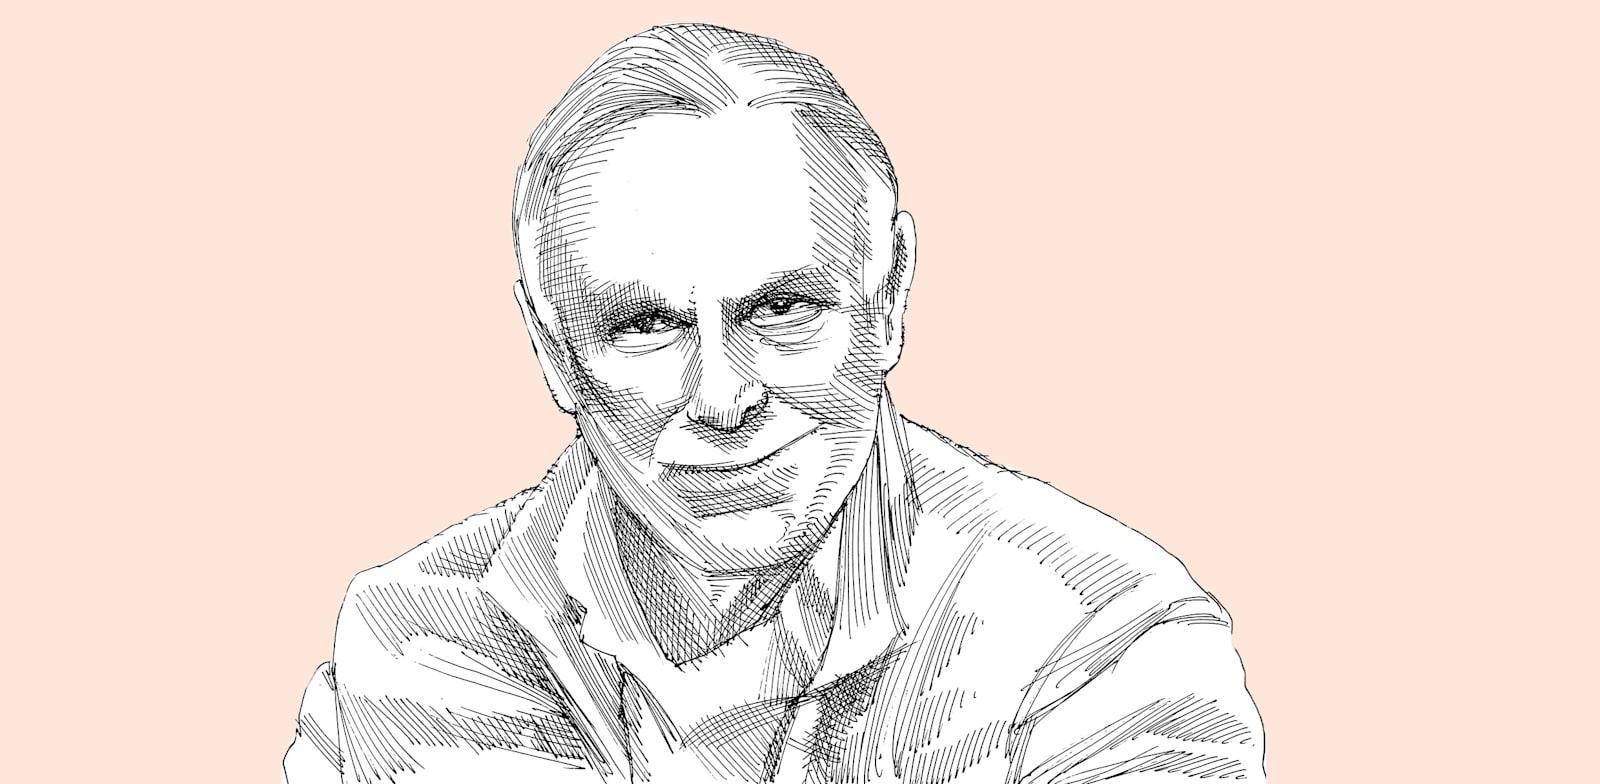 יגאל רבנוף. מאנשי הביטוח המבוססים / איור: גיל ג'יבלי